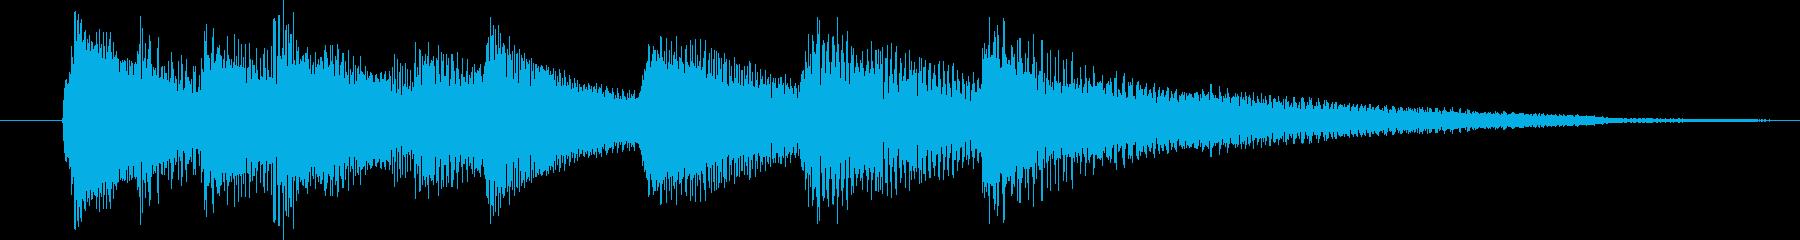 ピアノ演奏/CM前、爽やかな微風ジングルの再生済みの波形